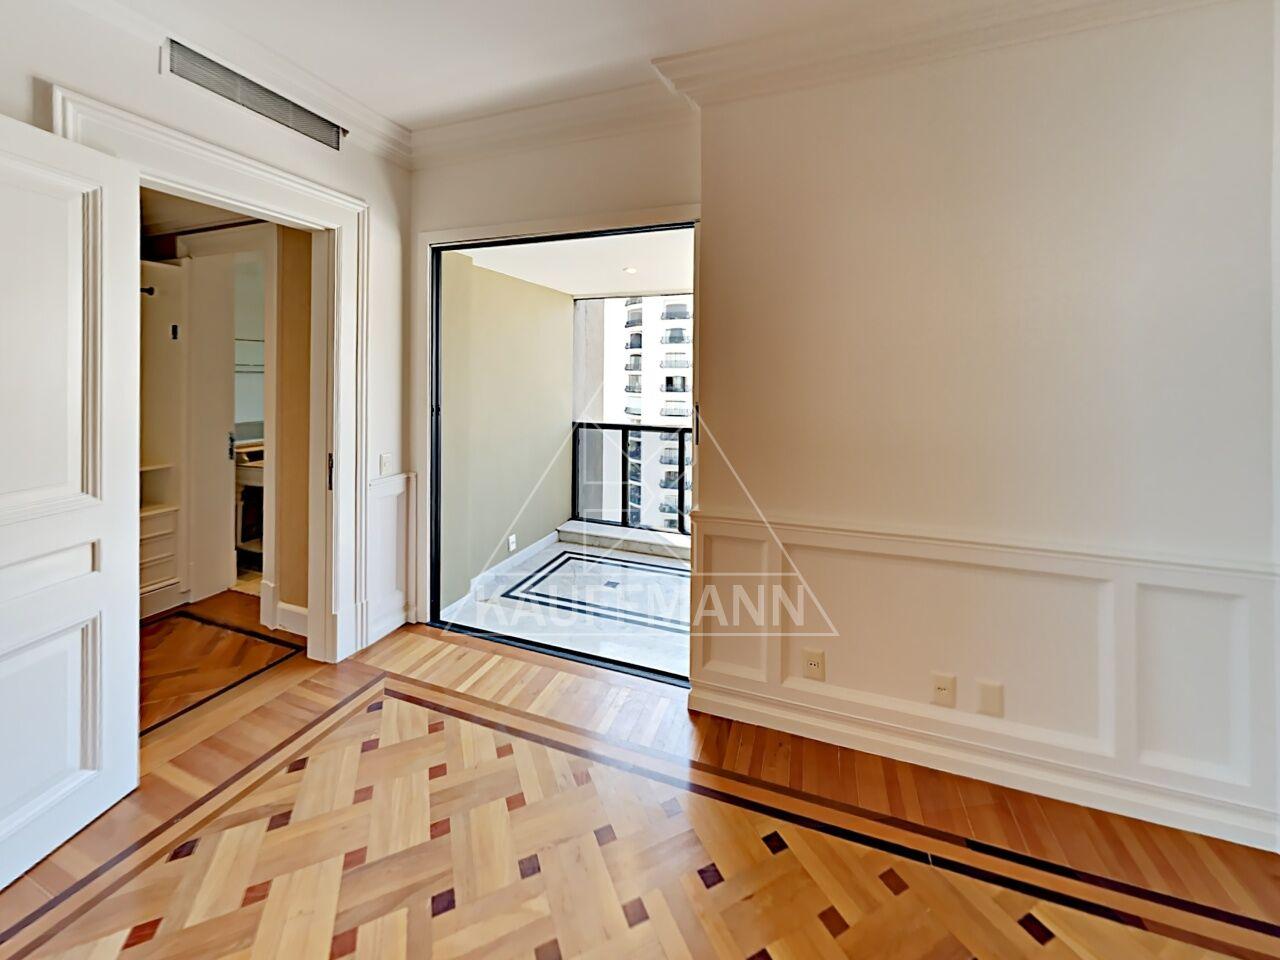 apartamento-venda-sao-paulo-jardim-america-regency-6dormitorios-6suites-7vagas-1099m2-Foto38